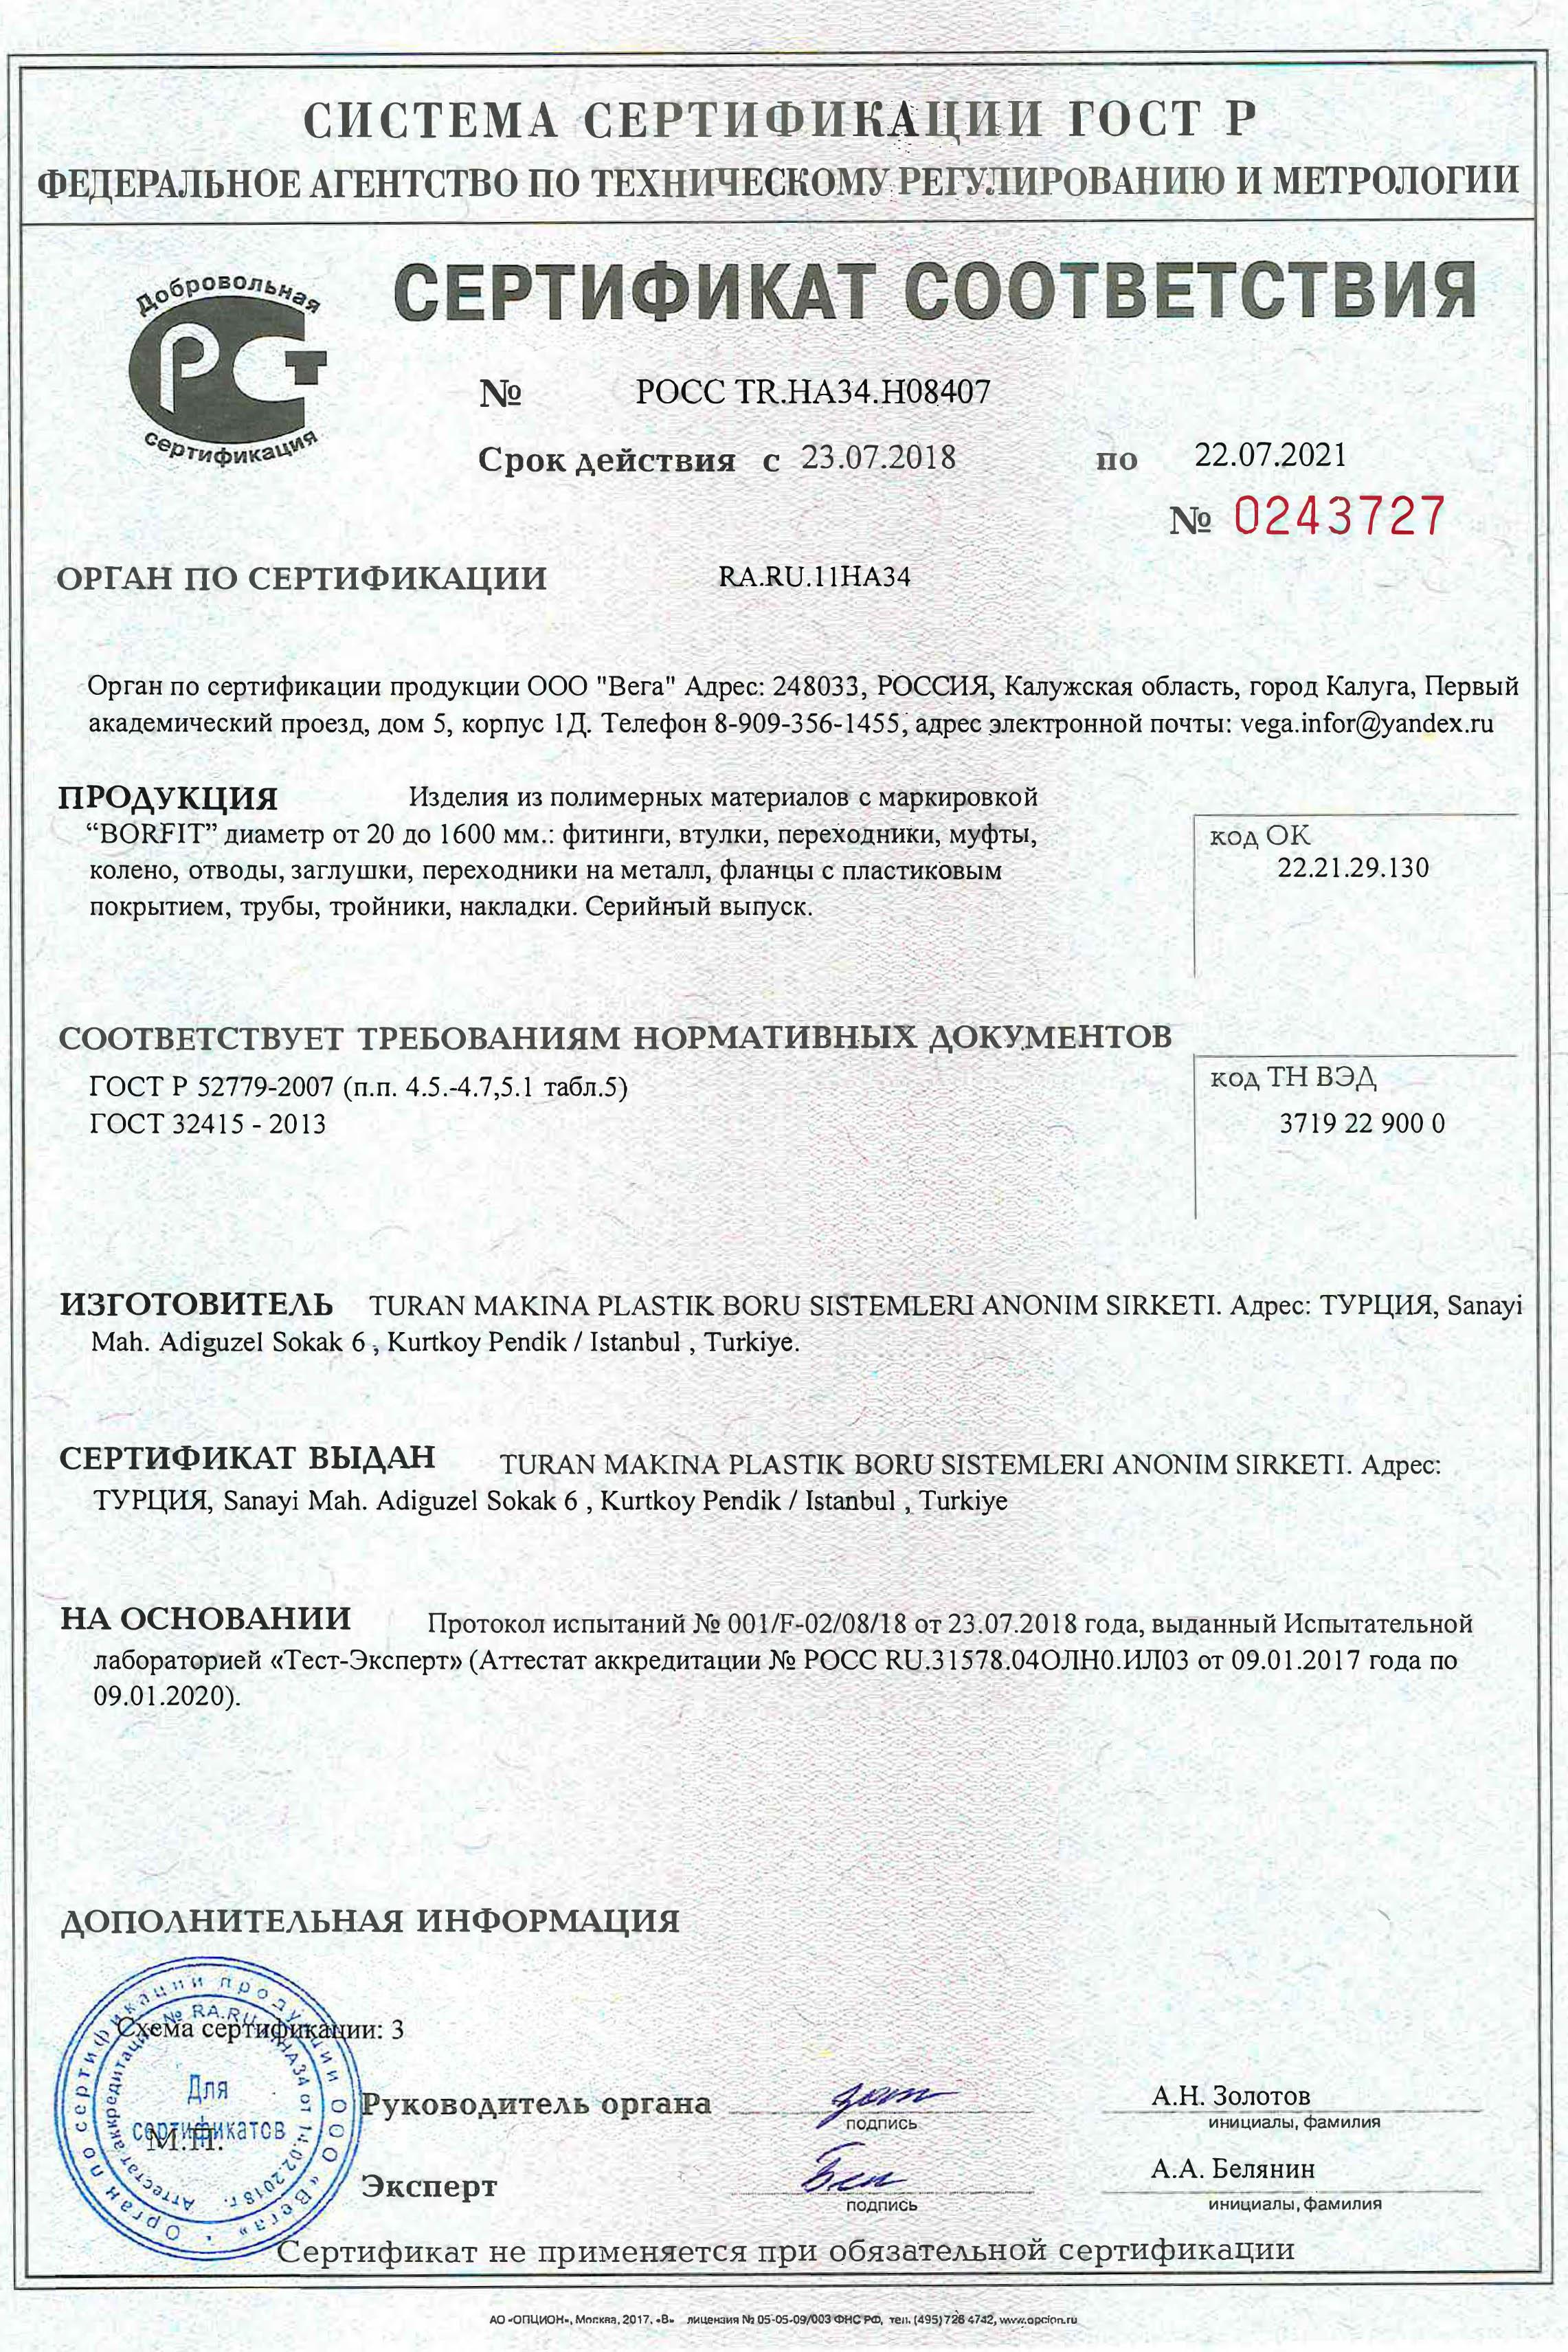 Сертификат соответствия на изделия из полимерных материалов с маркировкой BORFIT